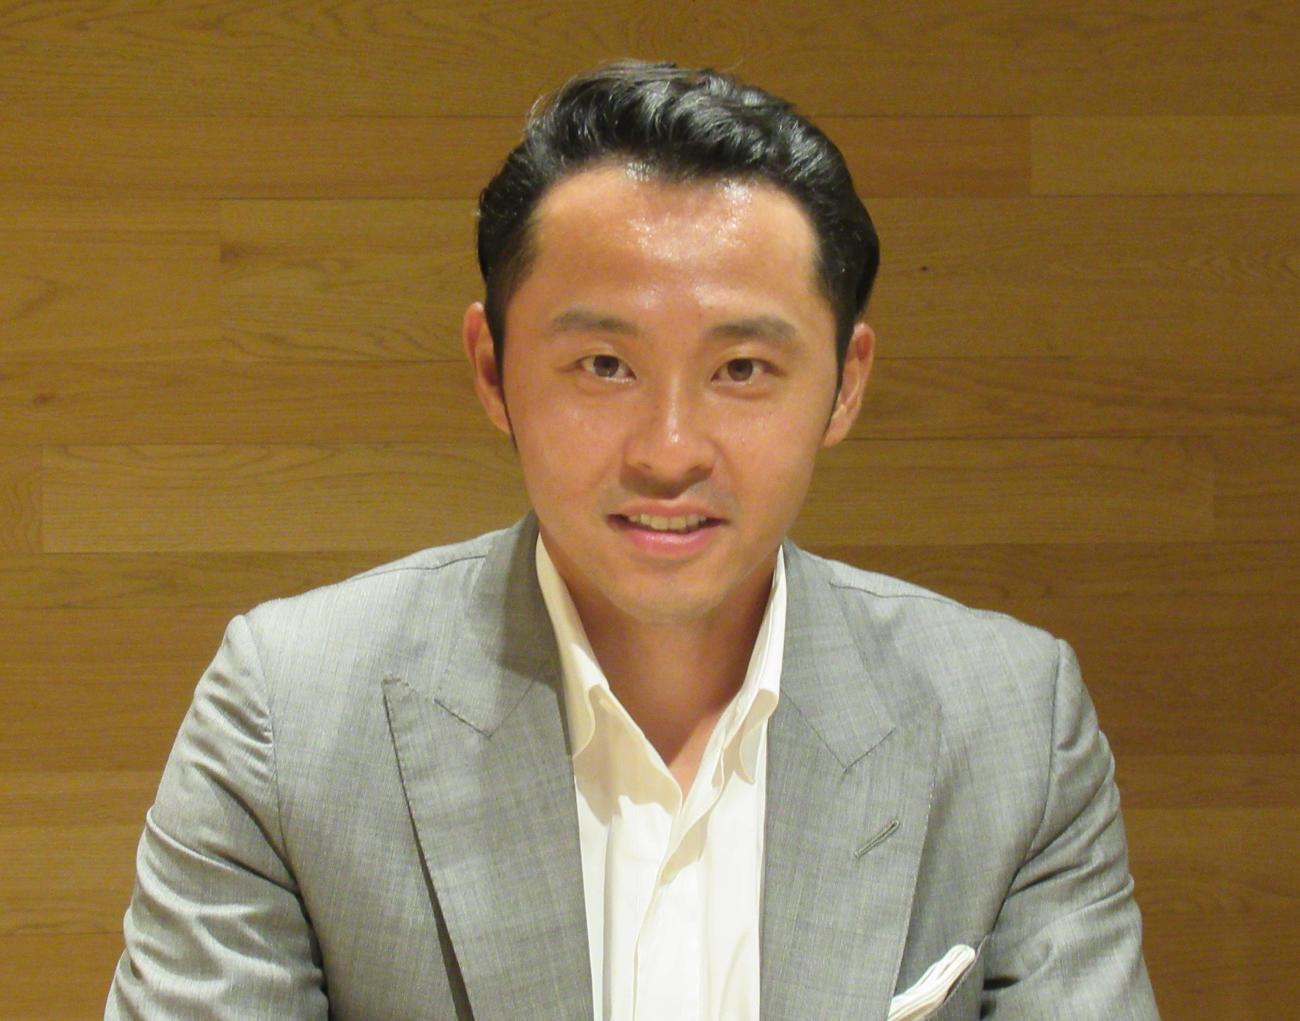 競泳国際リーグの日本チーム「トーキョーフロッグキングス」で代表を務める北島康介氏(2020年9月7日撮影)